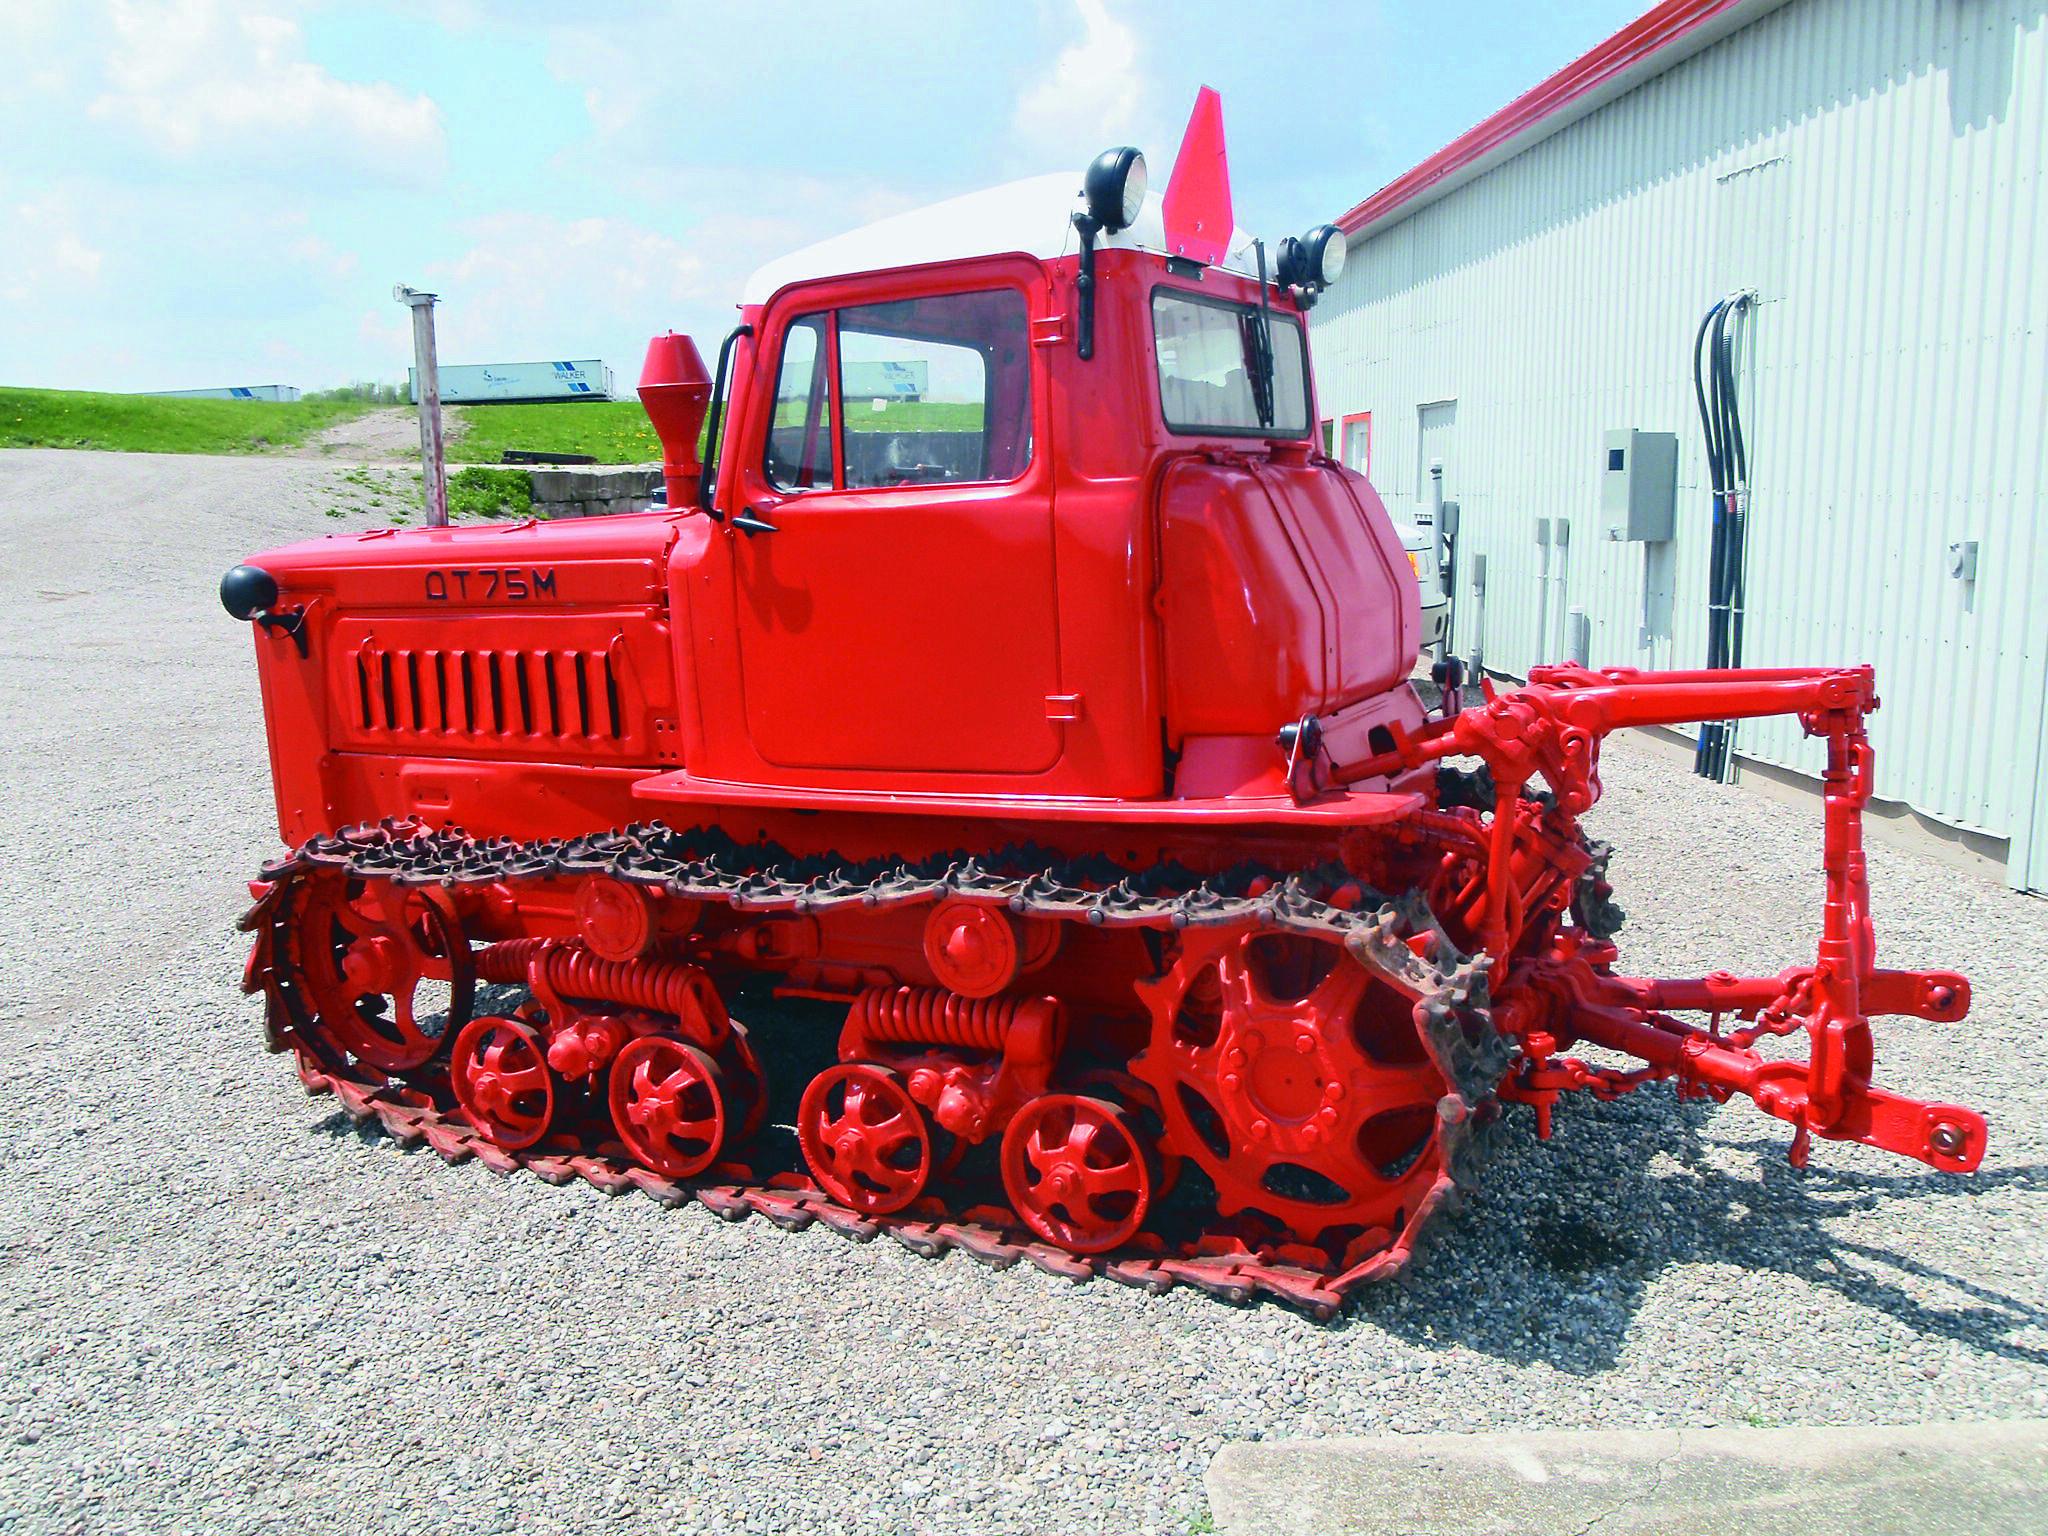 Rare Russian crawler tractor | Bulldozers | Tractors